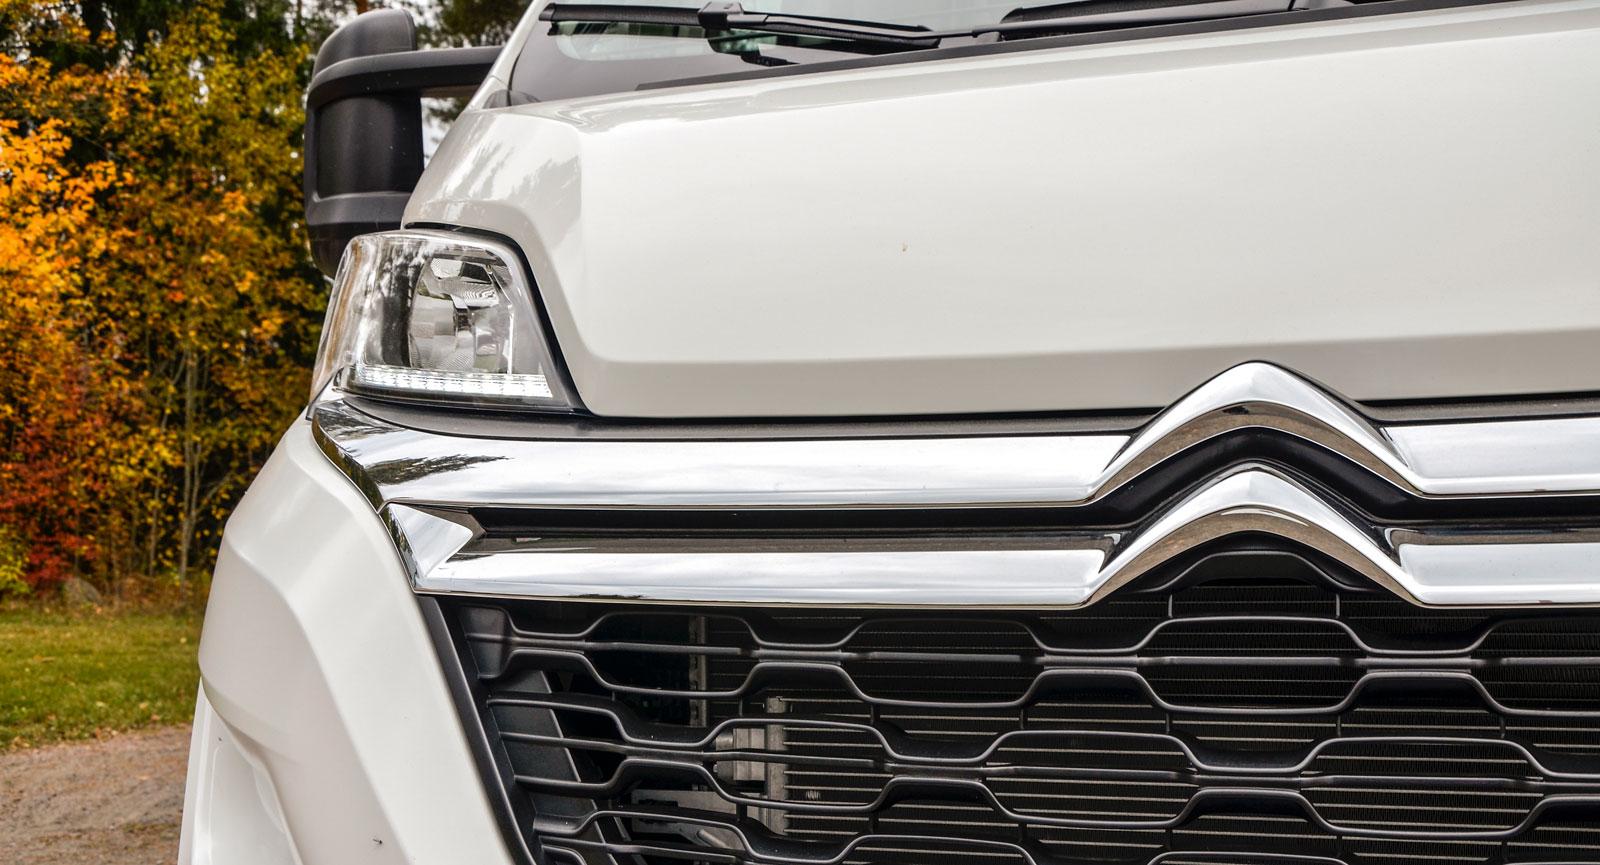 Logotypen som föreställer två kugghjul designades av André Citroën, den har prytt det franska företagets bilar i nästan hundra år. Företaget grundades 1919.